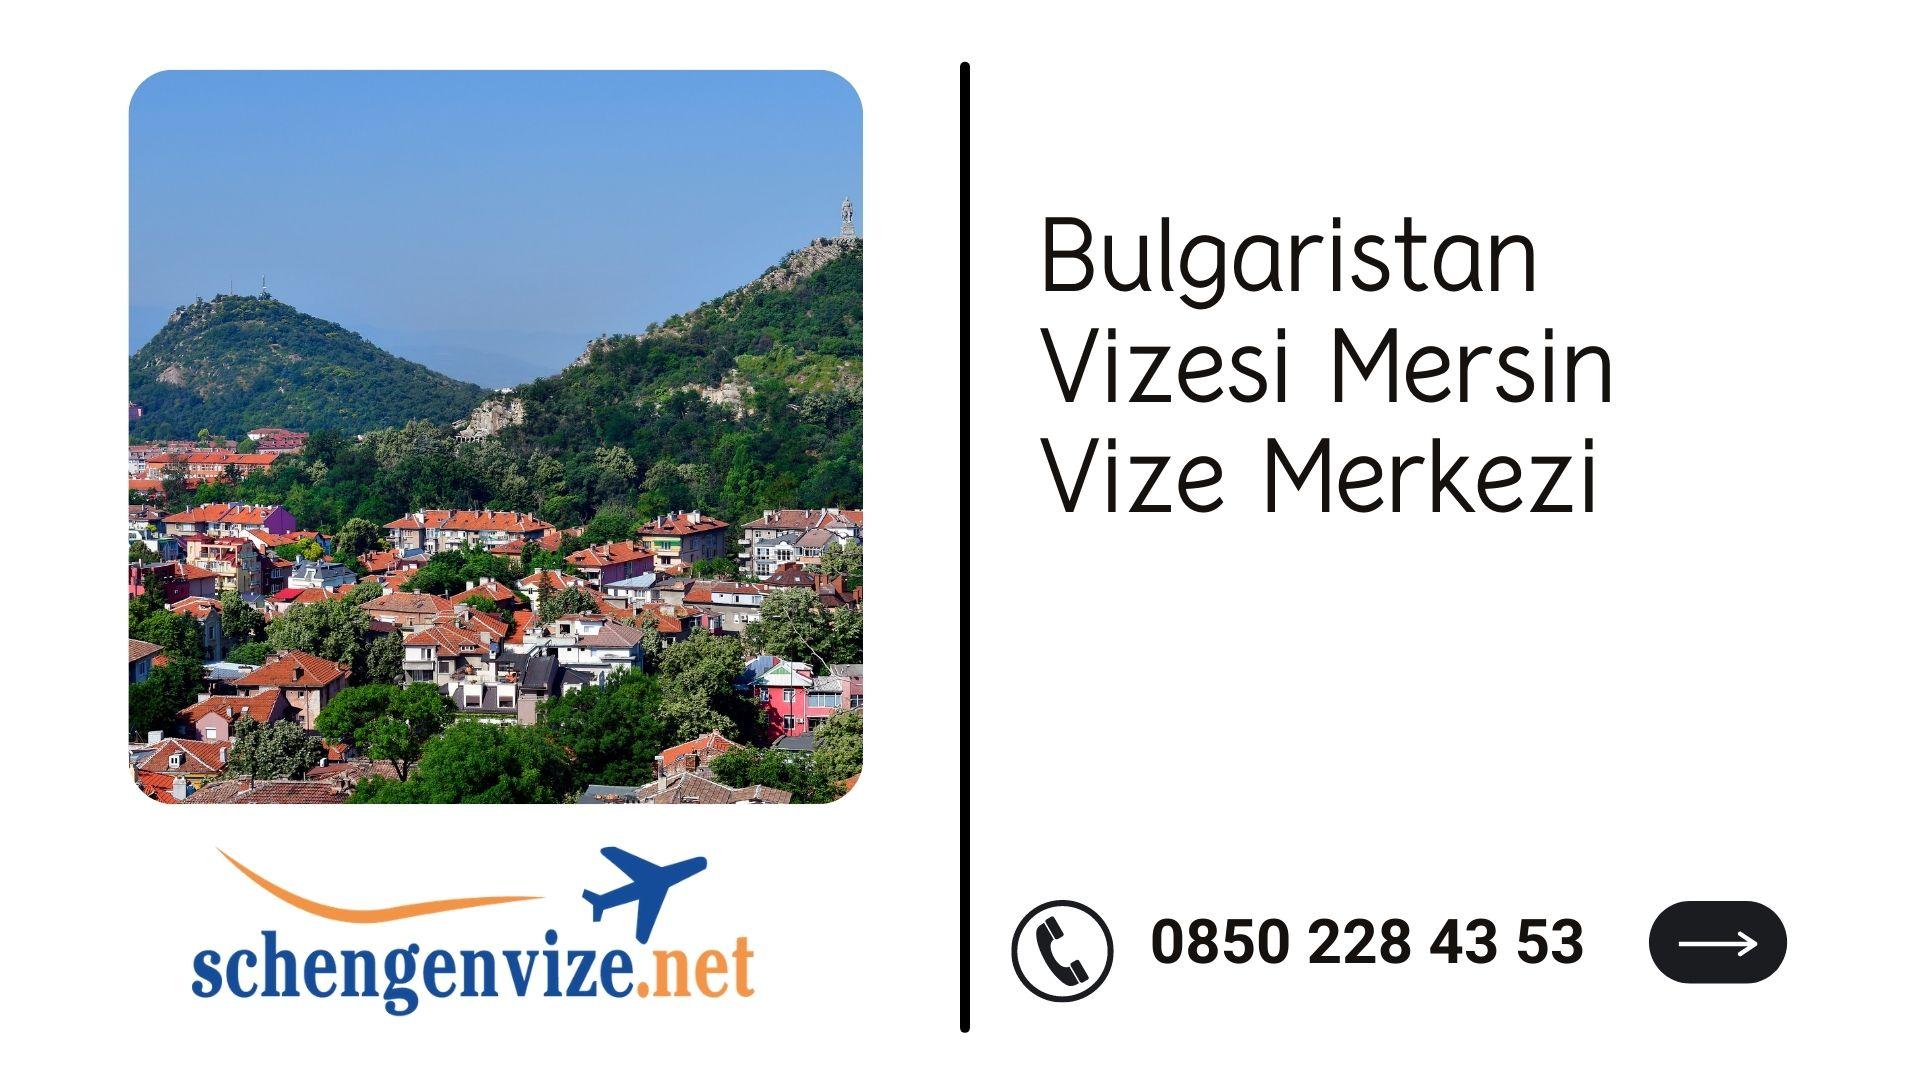 Bulgaristan Vizesi Mersin Vize Merkezi